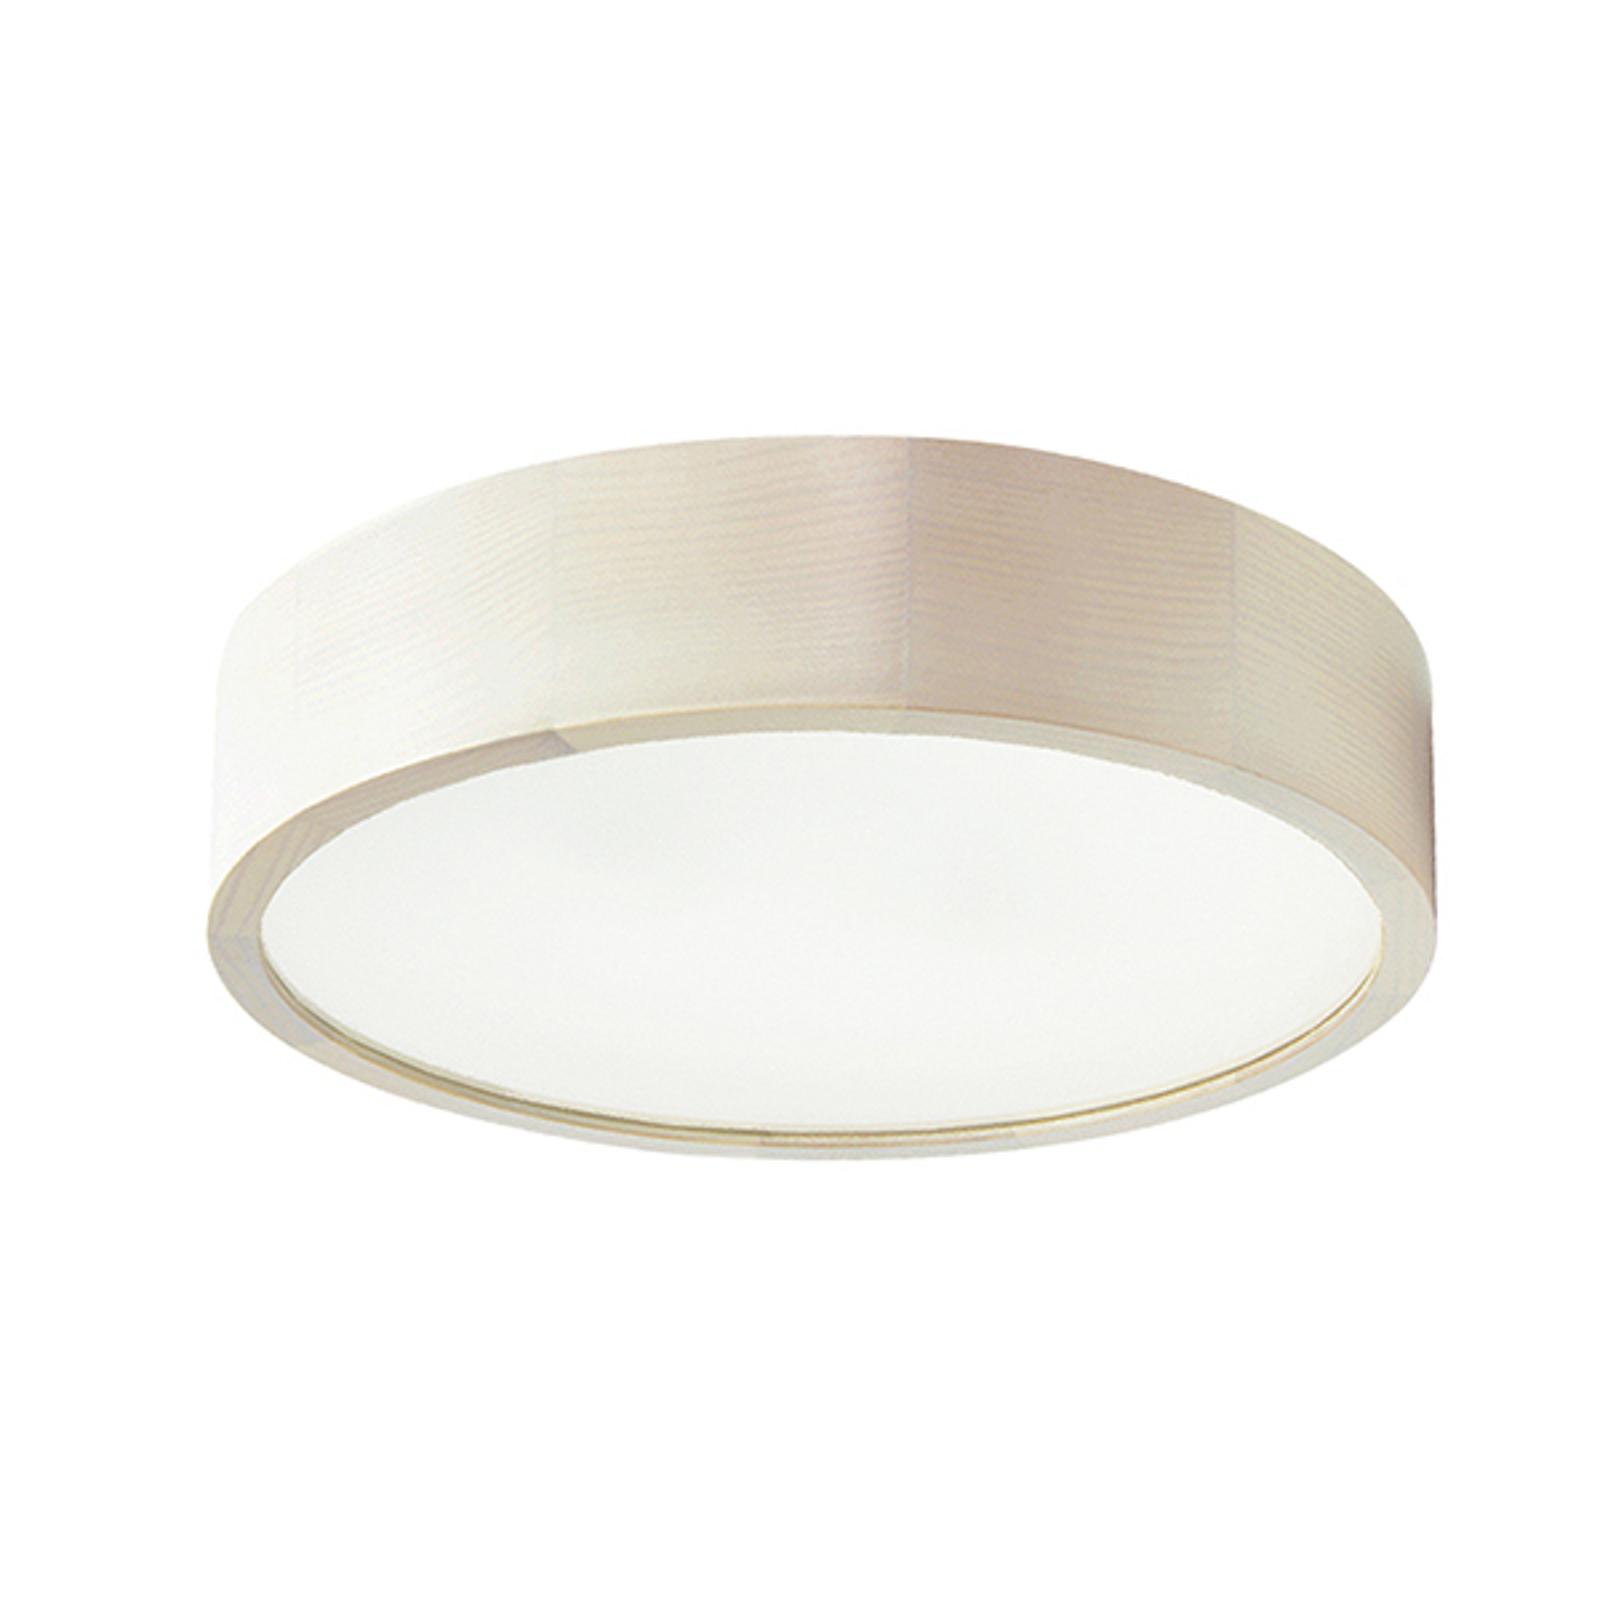 LED-Deckenleuchte Cleo, Ø 38 cm, weiß